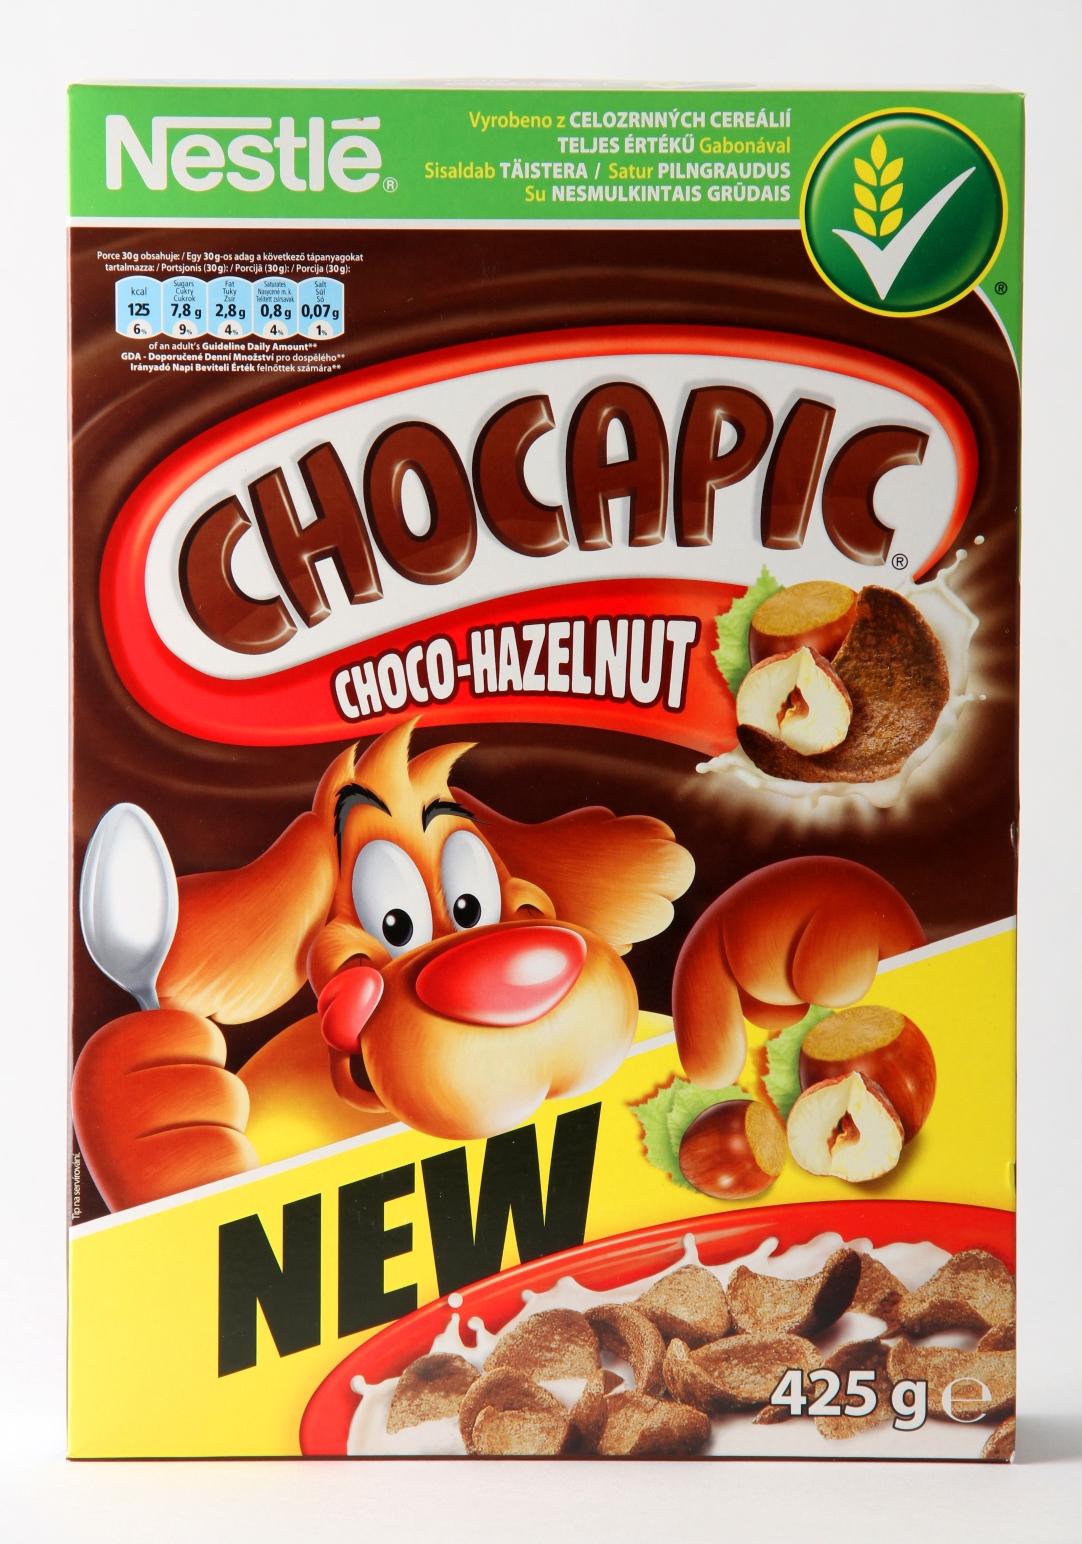 Nestlé Chocapic Choco-hazelnut